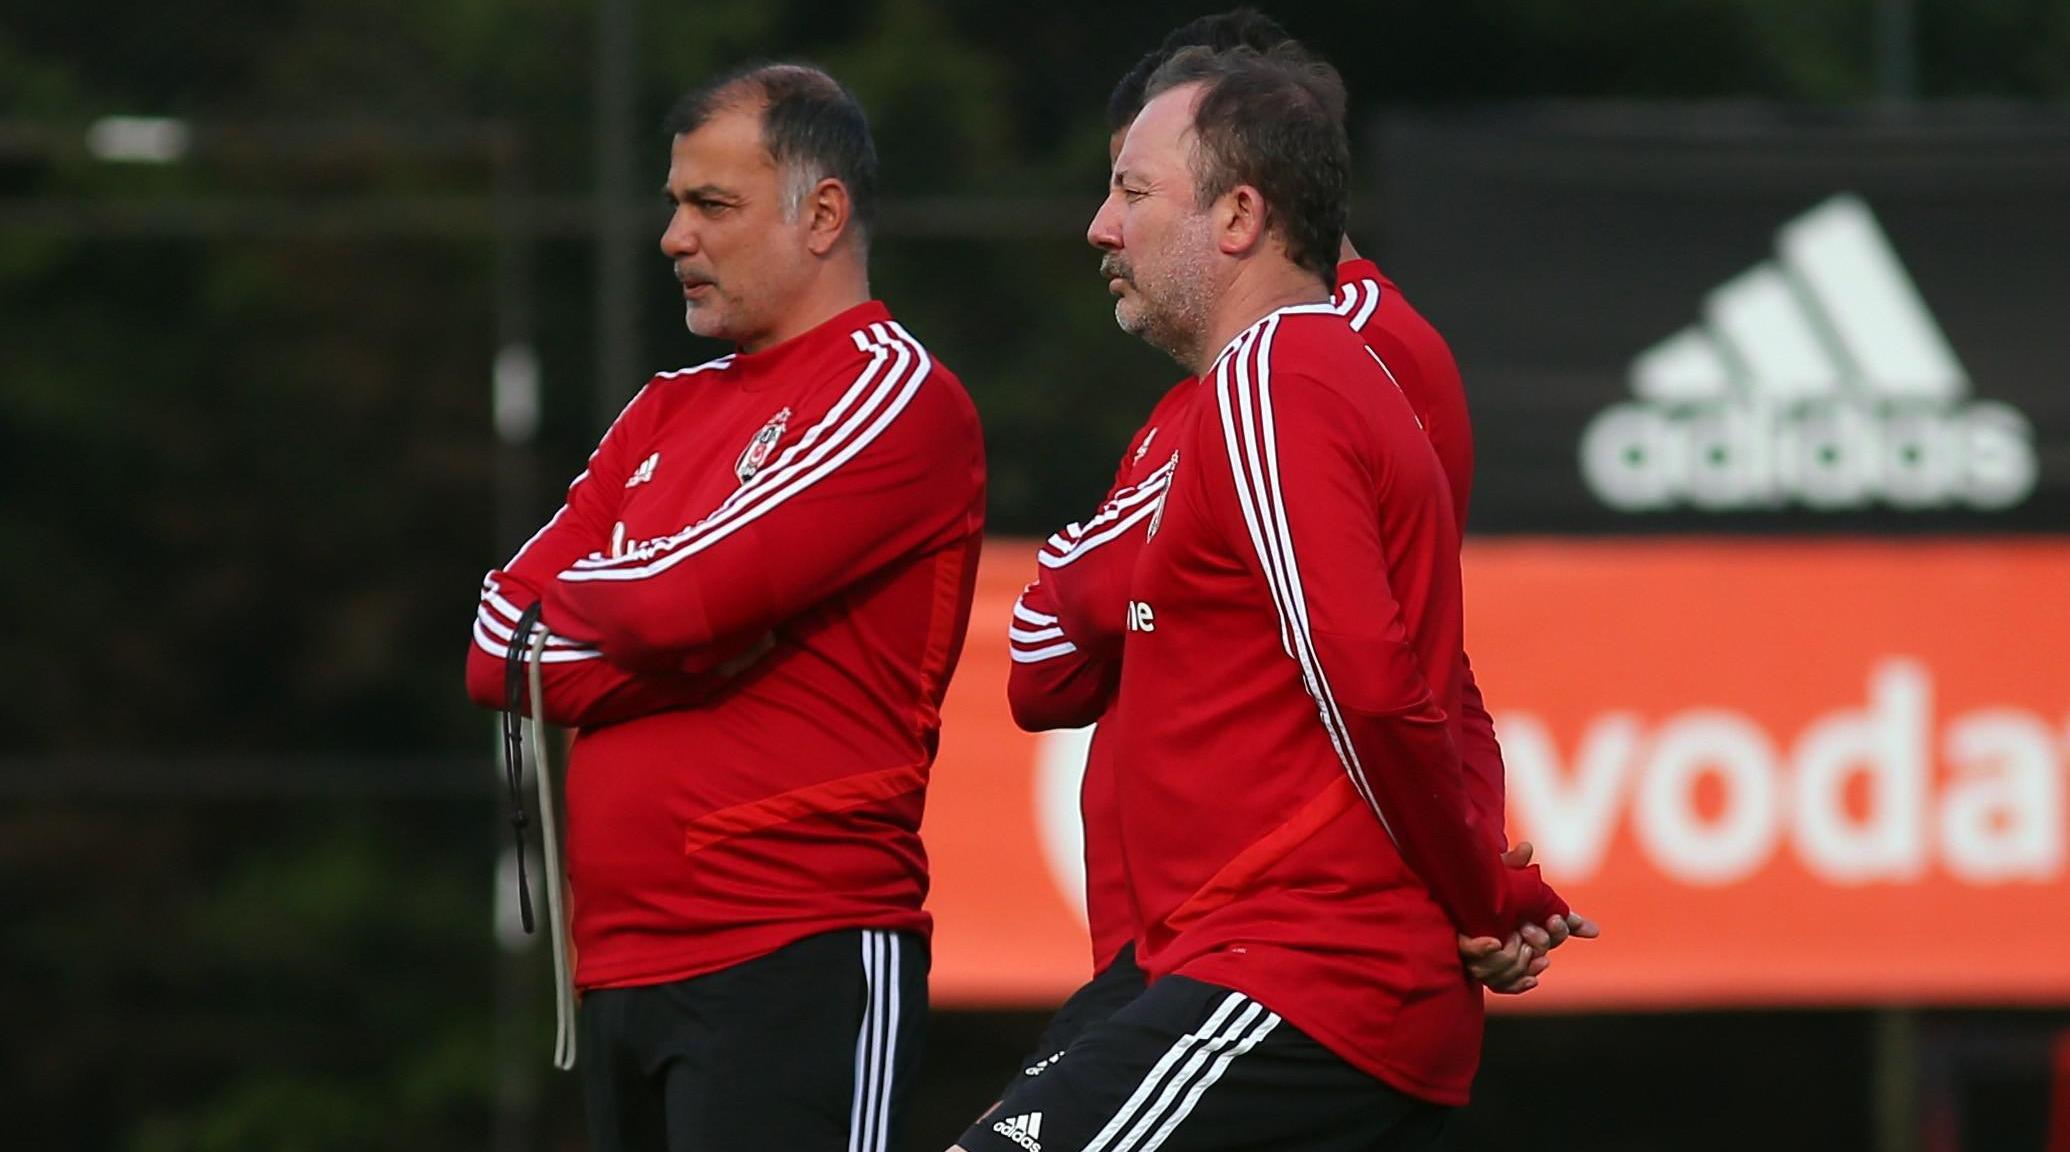 Beşiktaşta transfer görüşmeleri başlıyor! Sergen Yalçın onu